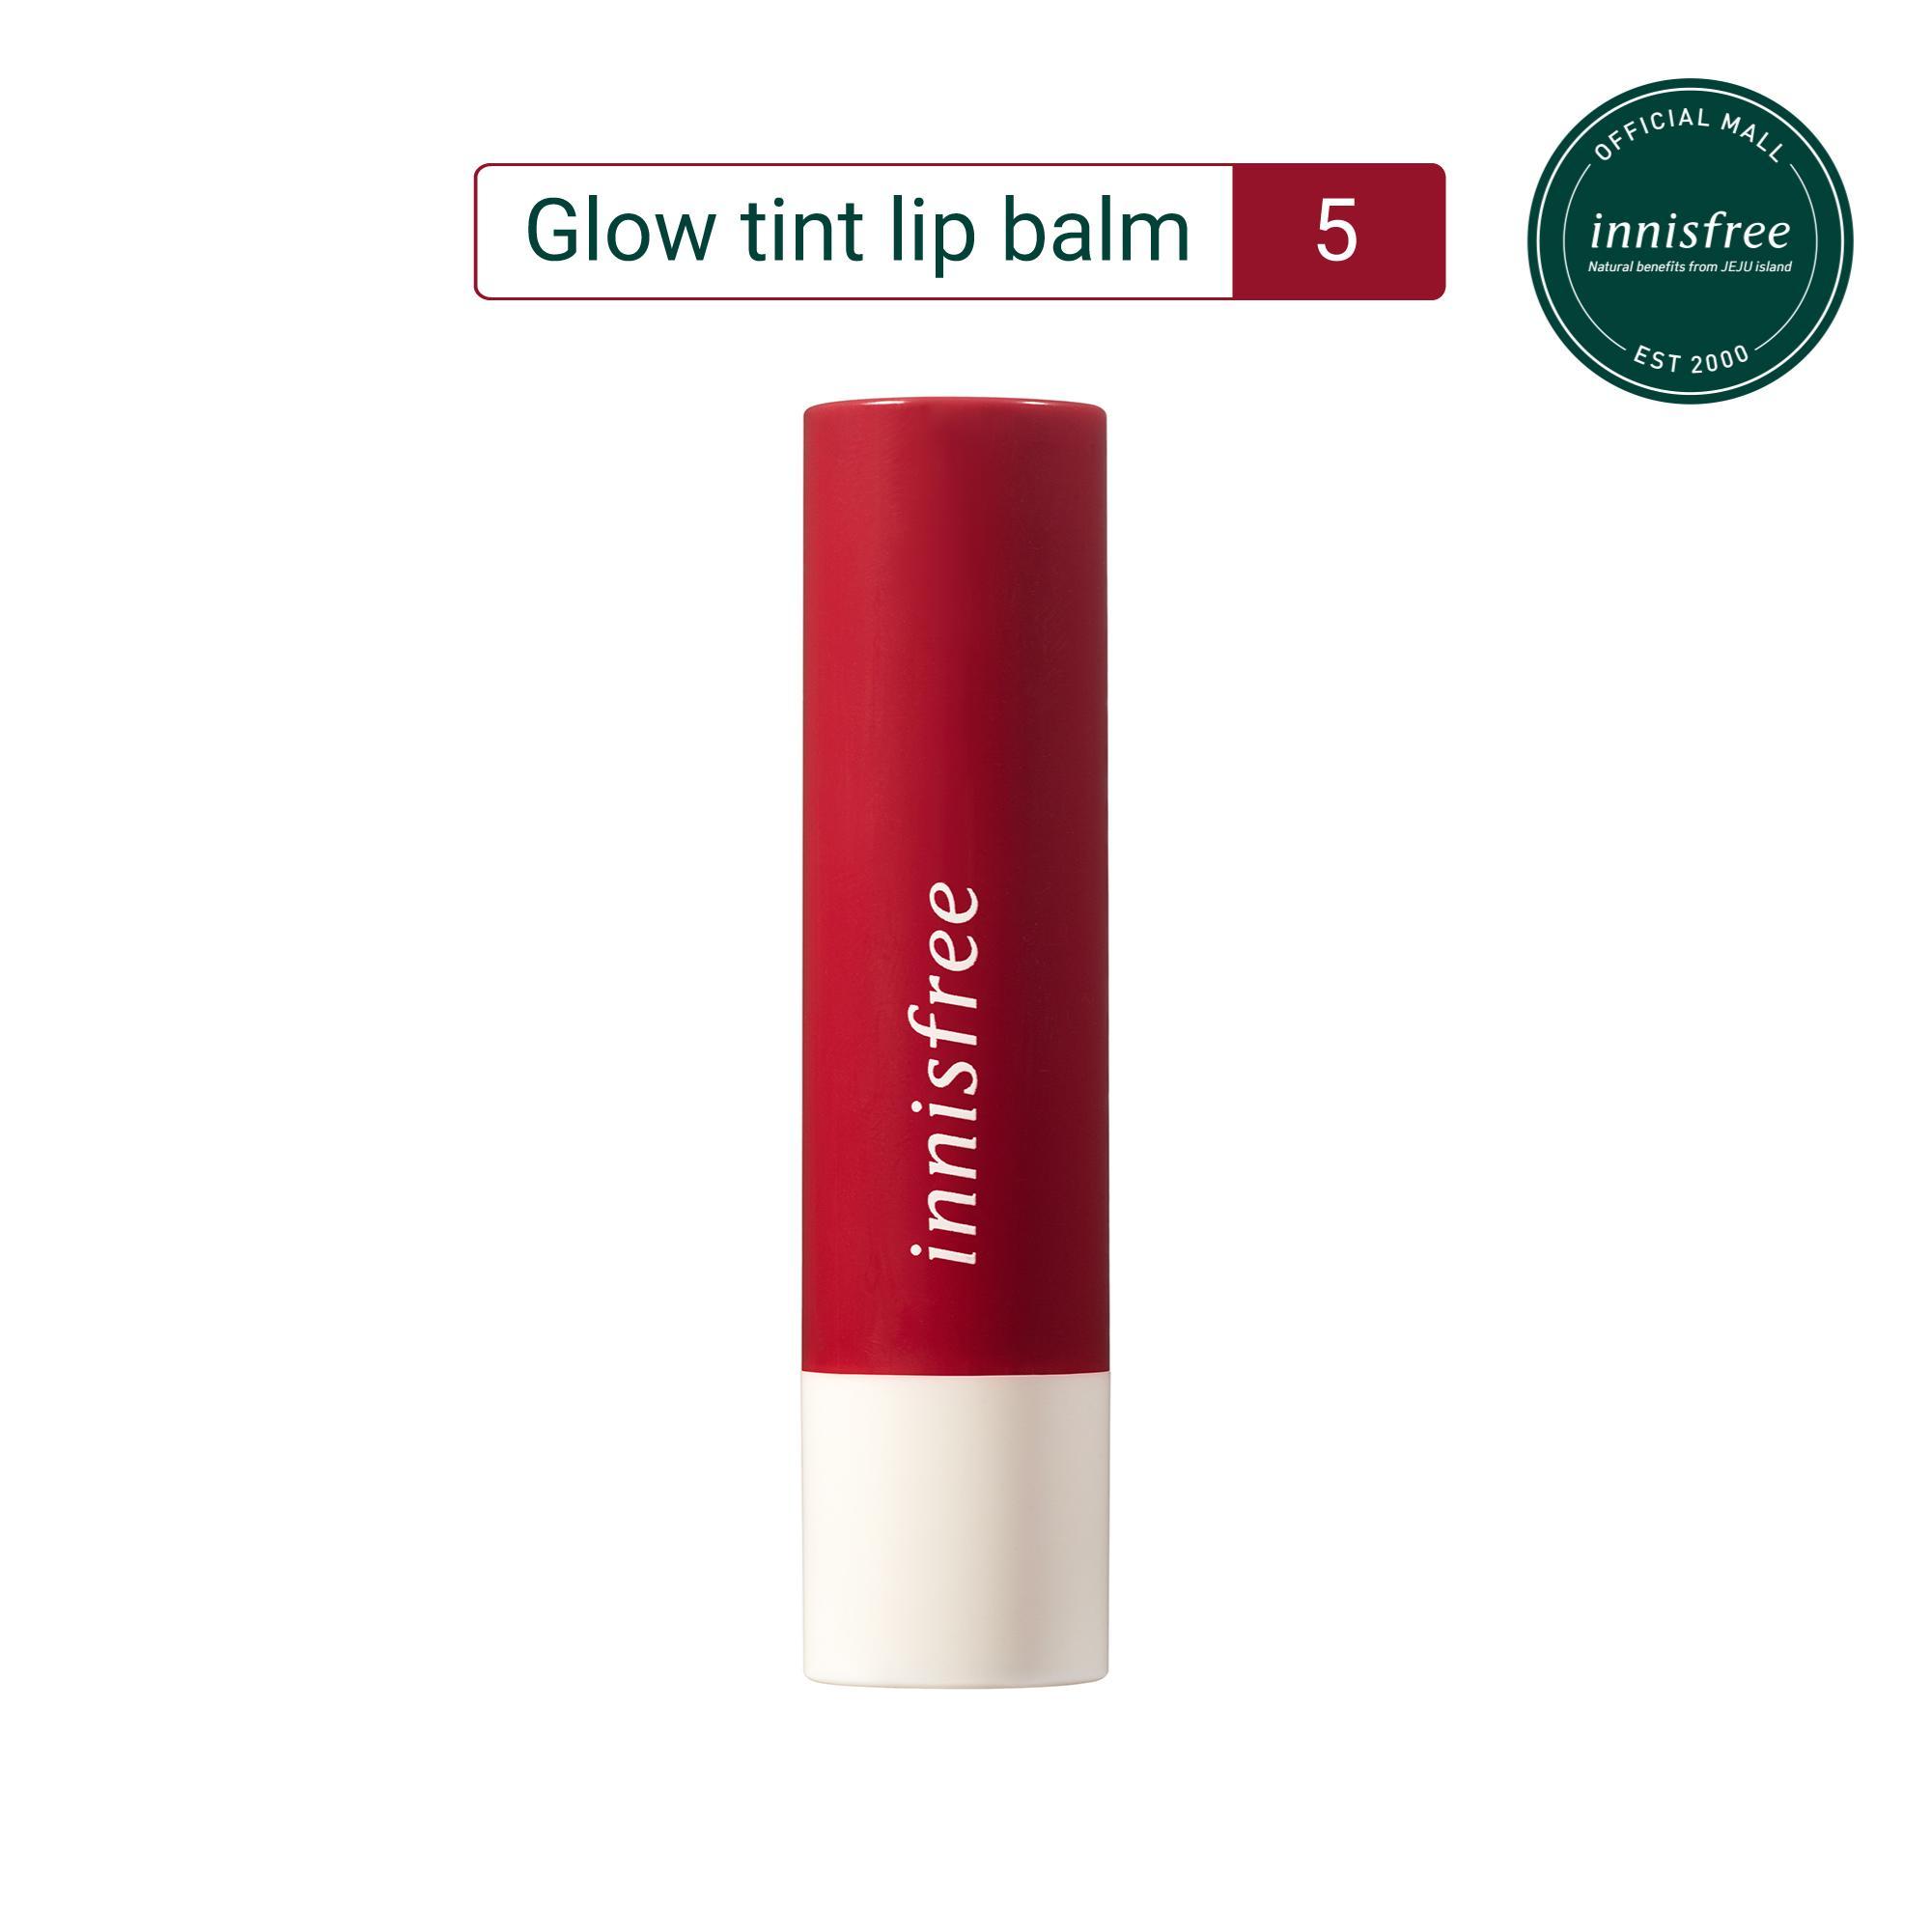 Son dưỡng có màu innisfree Glow Tint Lip Balm #5 3.5g tốt nhất